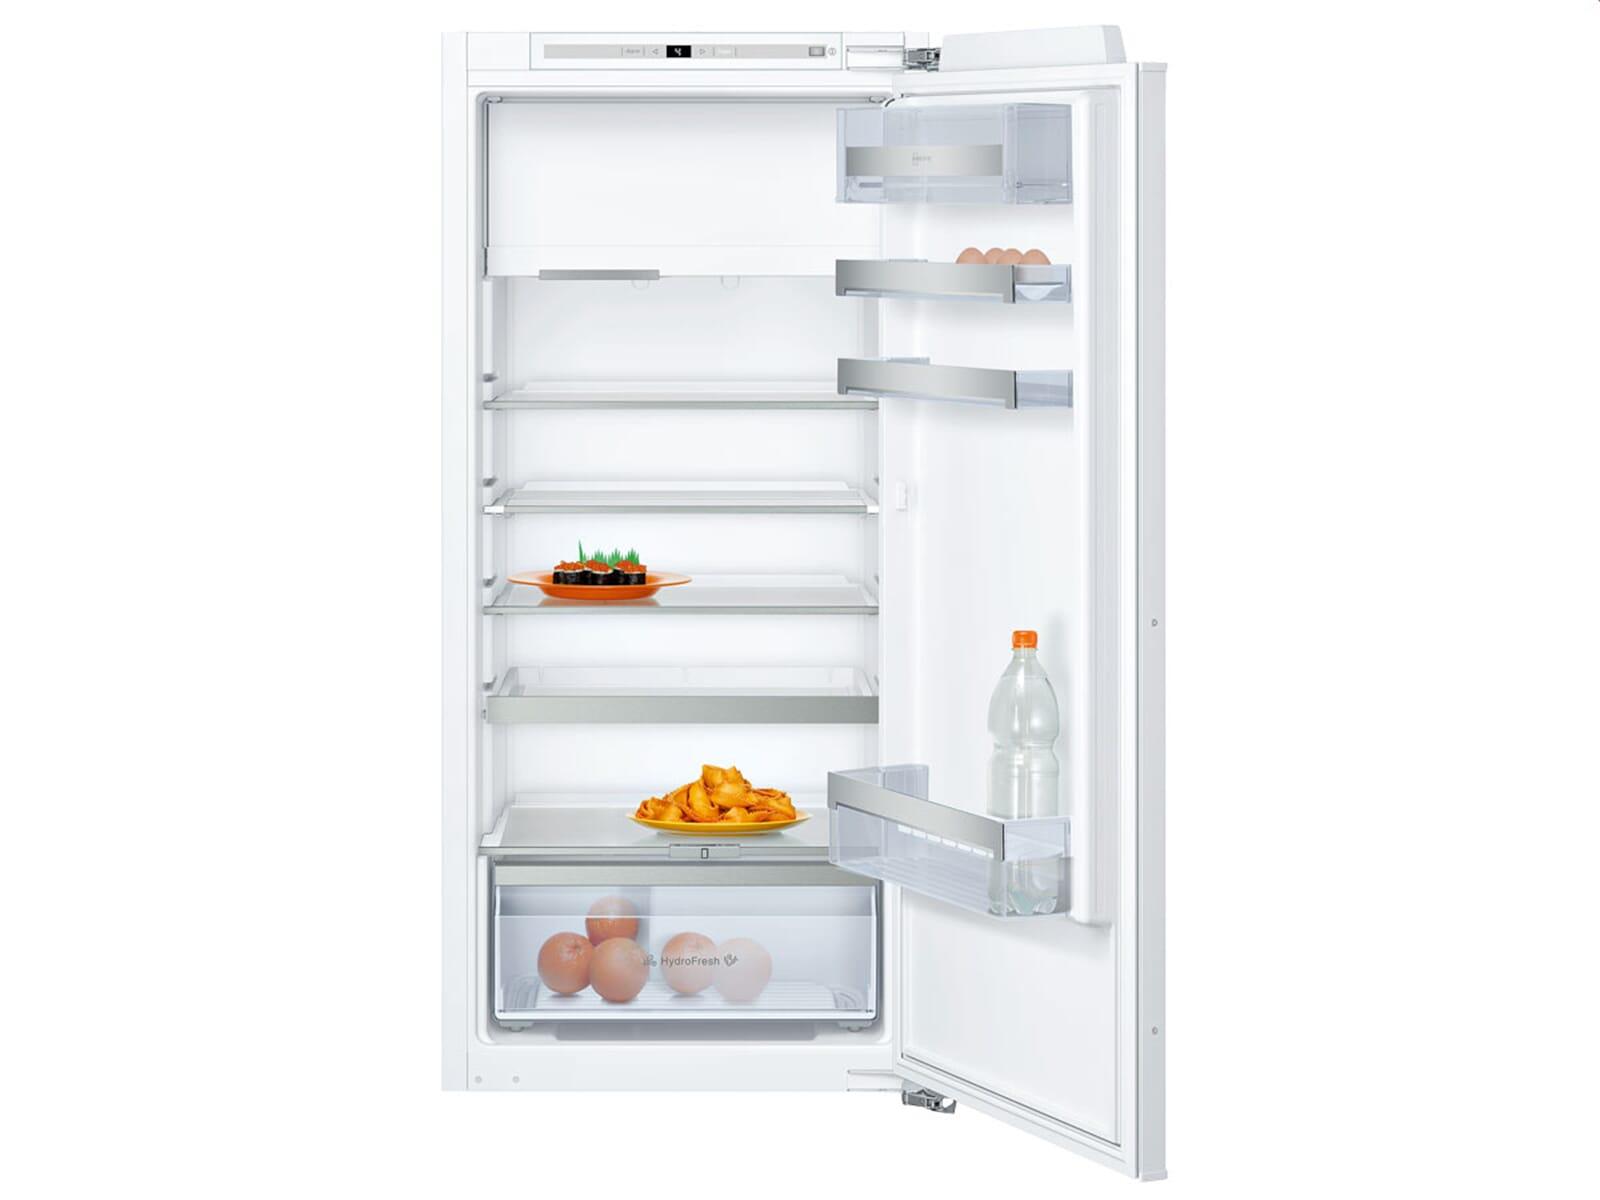 Kühlschrank Neff Zubehör : Neff küche ersatzteile original knebel mit knebelunterteil für